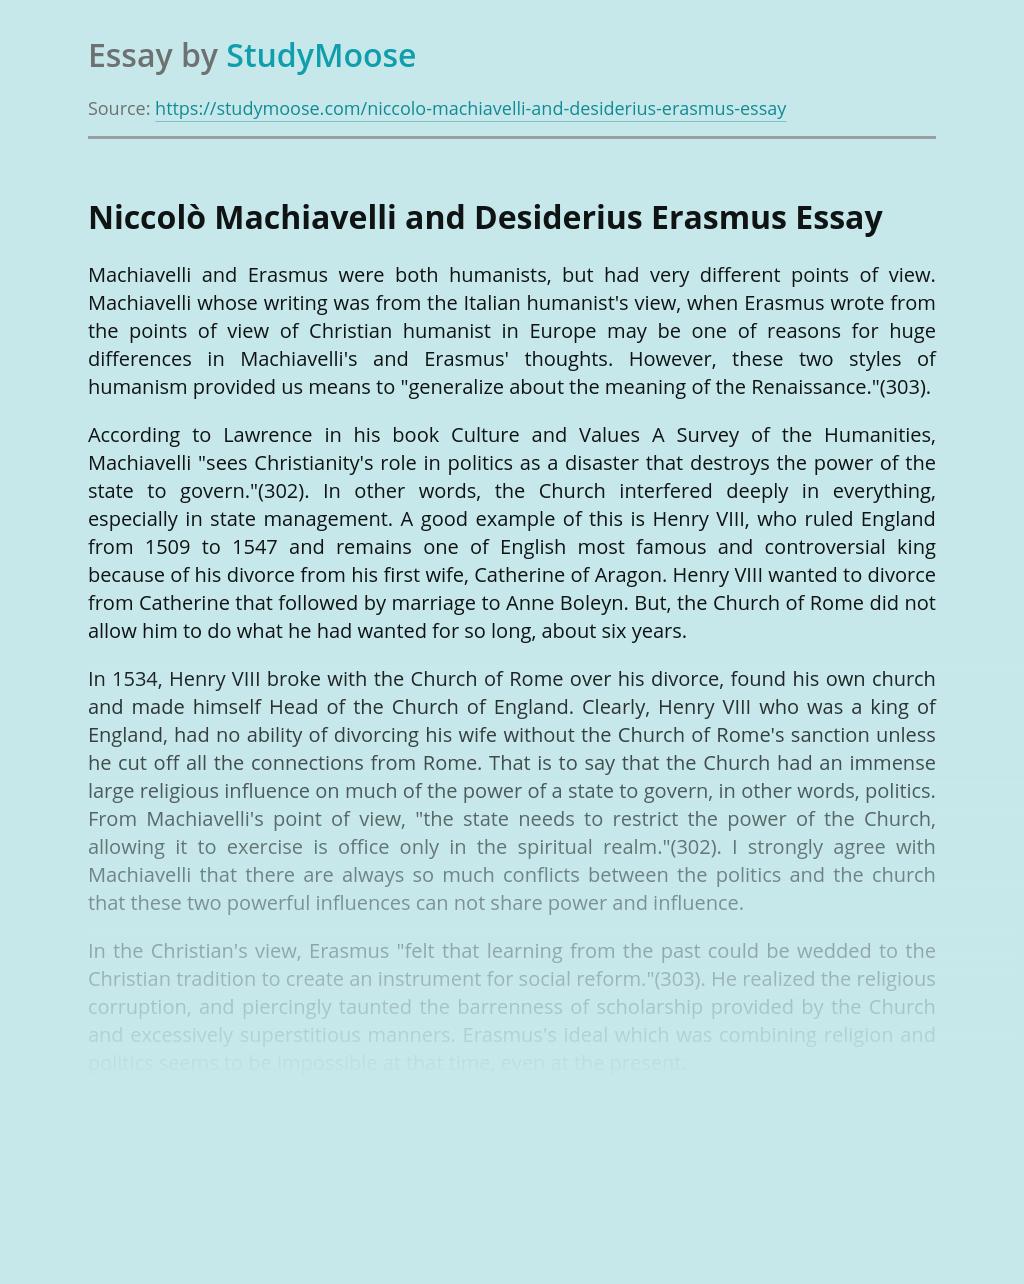 Niccolò Machiavelli and Desiderius Erasmus